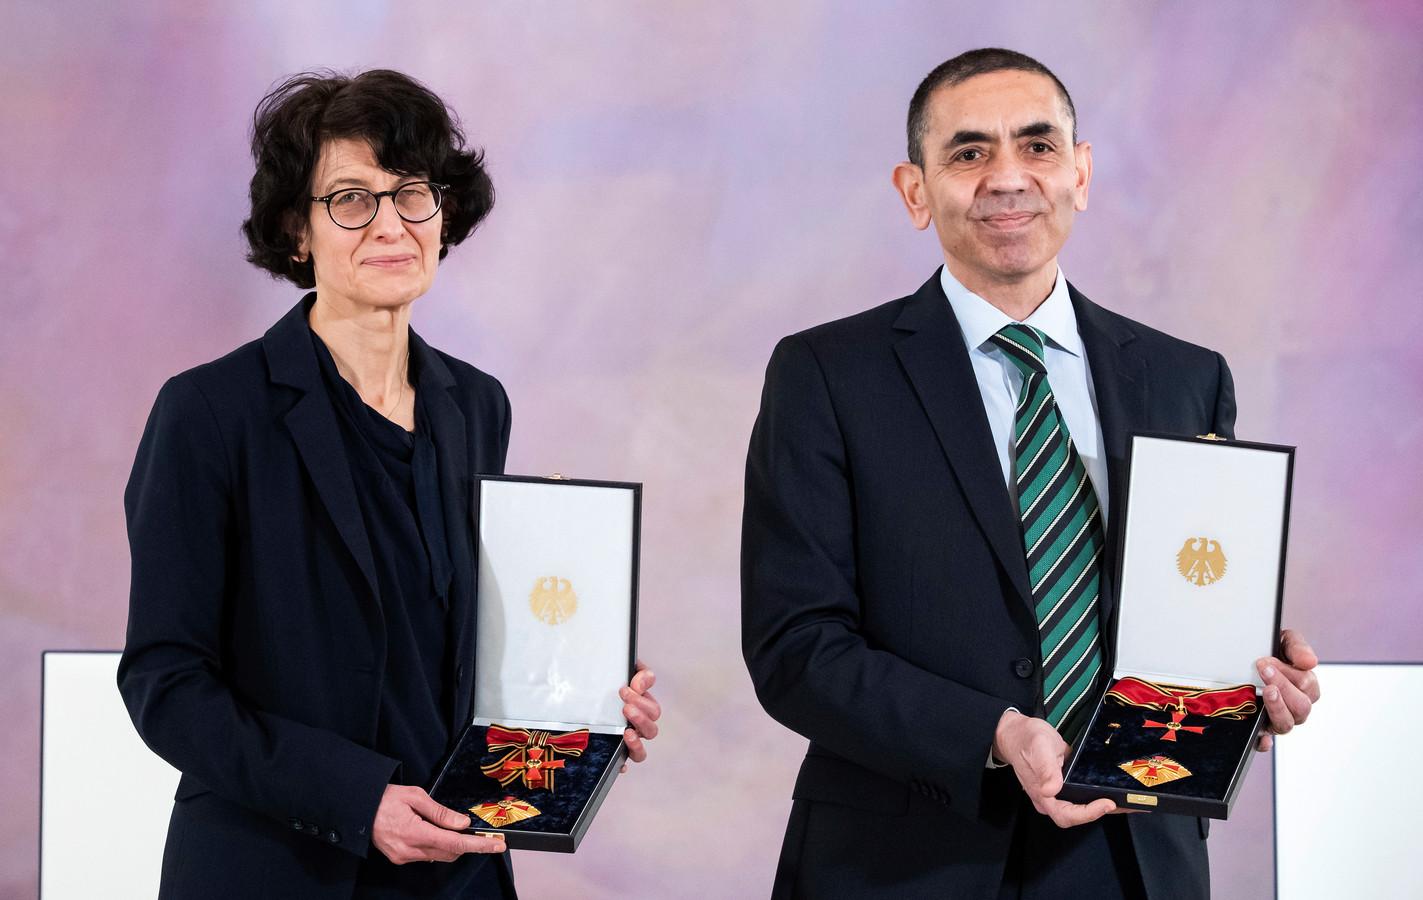 BioNTech-oprichters Ugur Sahin en Özlem Türeci kregen in maart 2021 de Orde van Verdienste van de Bondsrepubliek Duitsland.